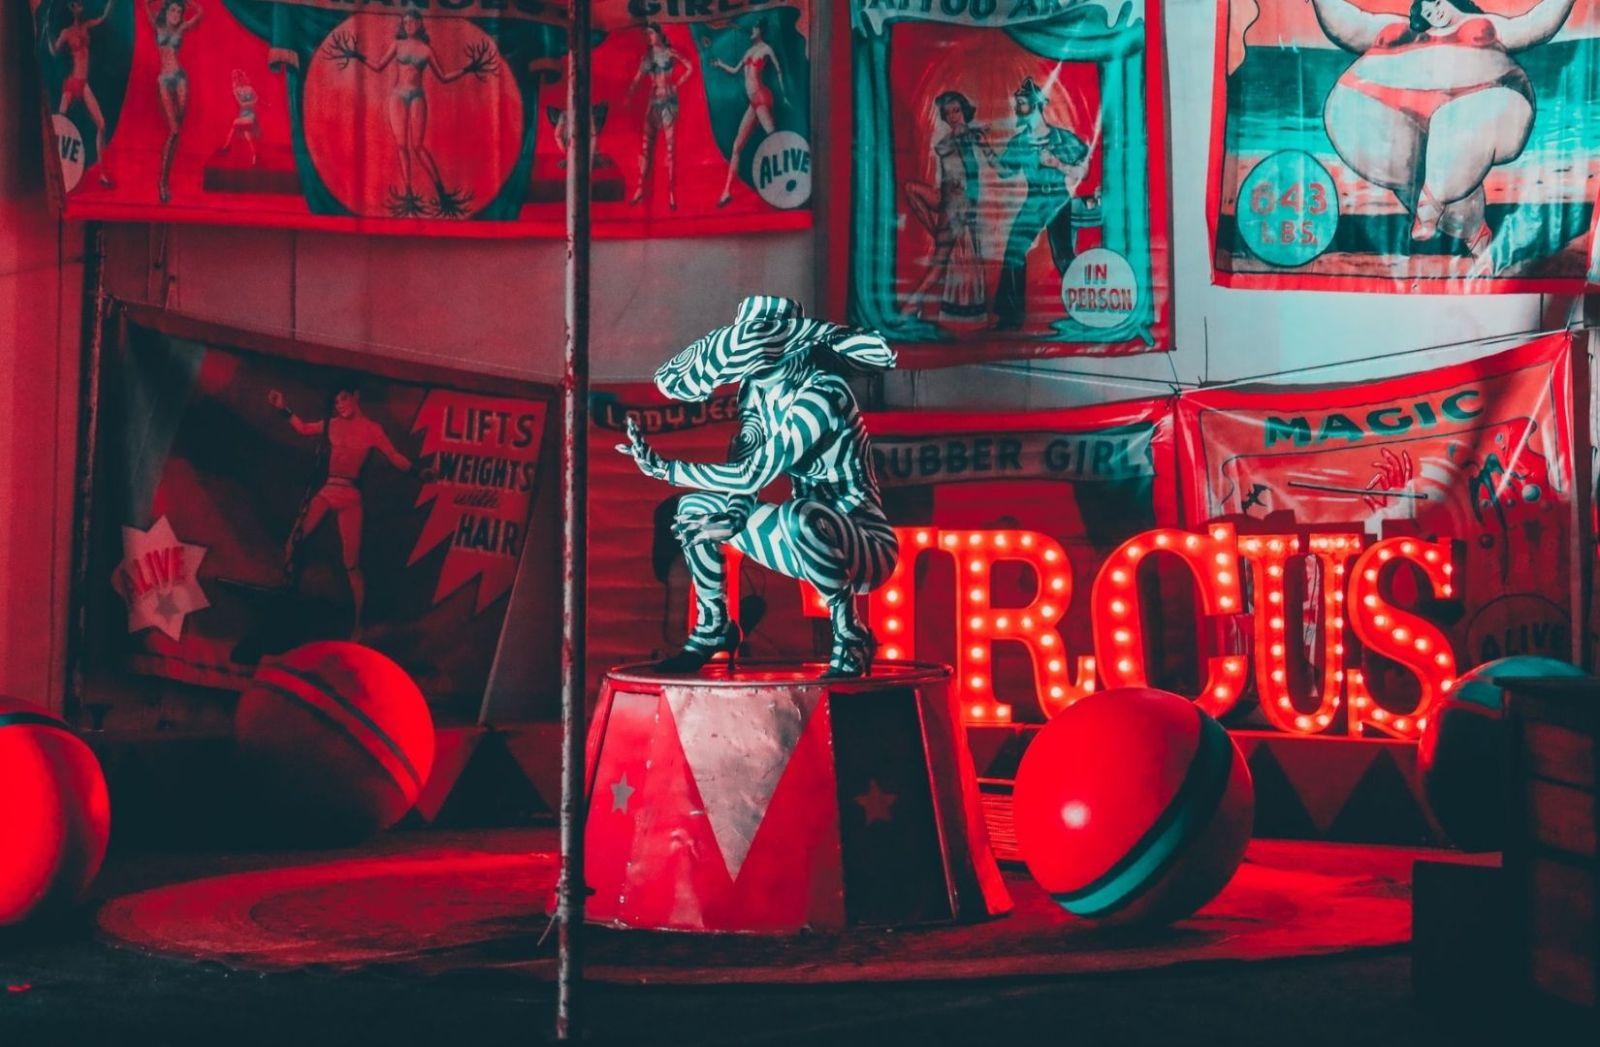 Der Traum im Zirkus der Visionen. (Foto: Joshua Coleman, Unsplash.com)